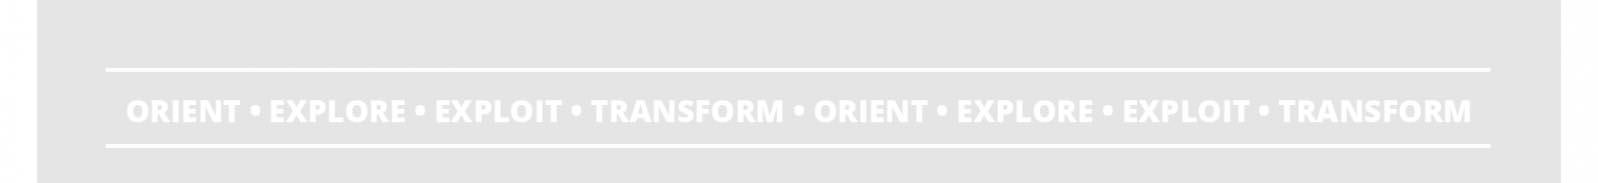 Lean Enterprise: Orient, Explore, Exploit, Transform